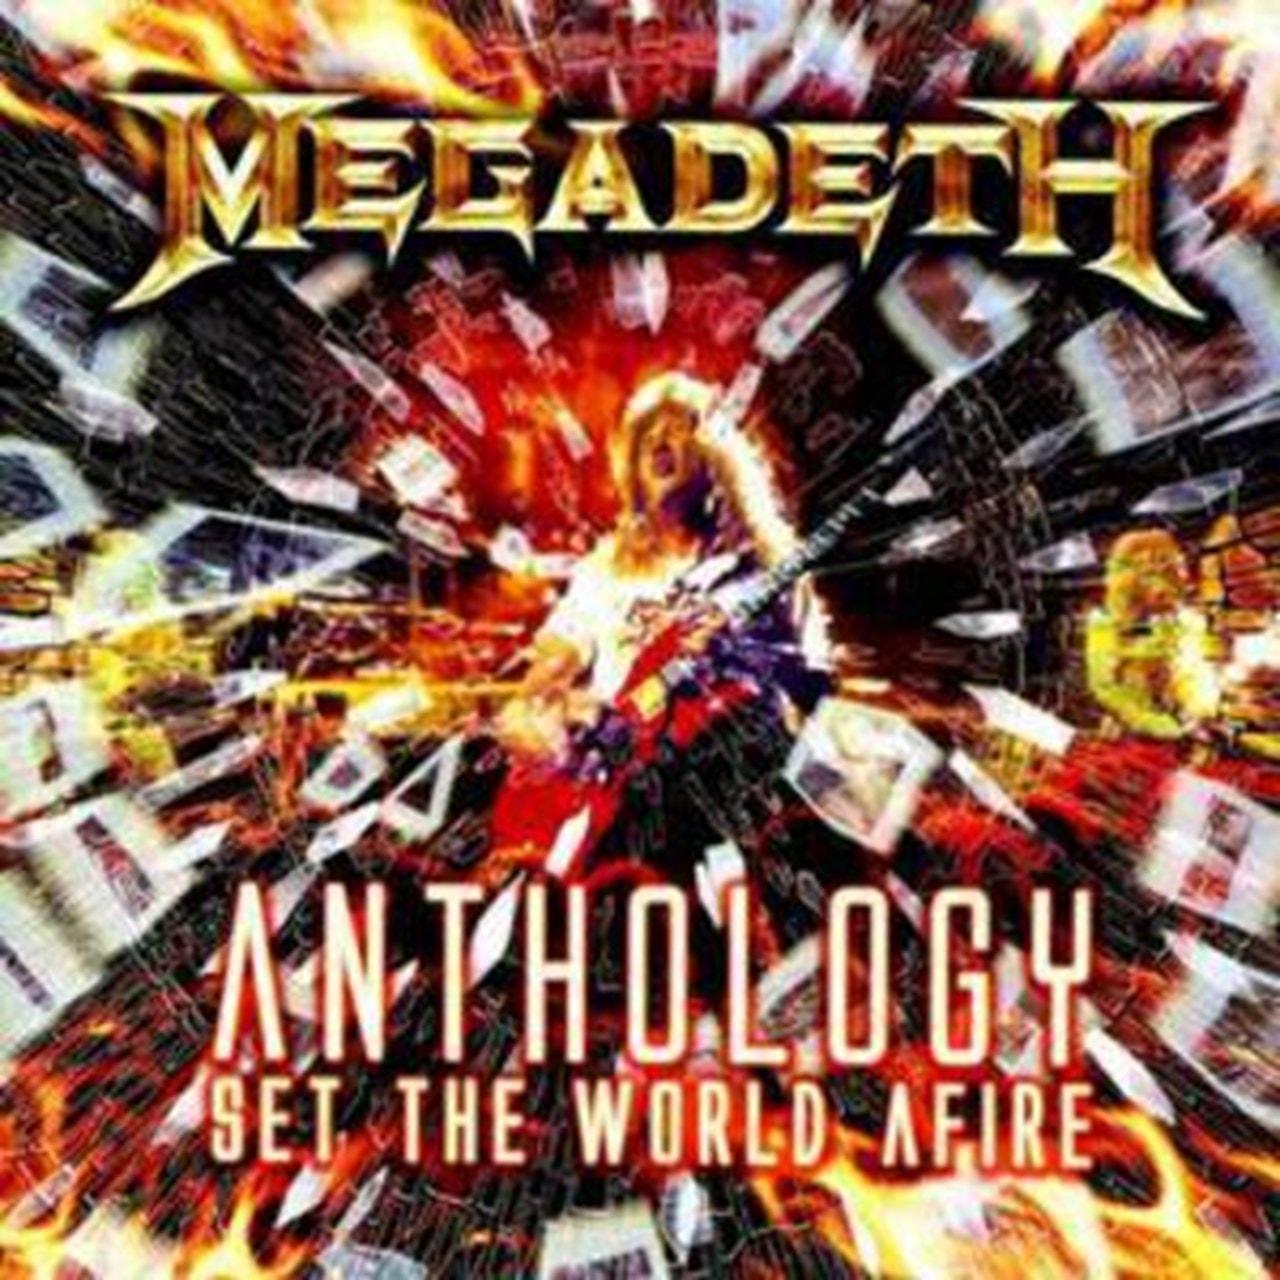 Anthology: Set the World Afire - 1